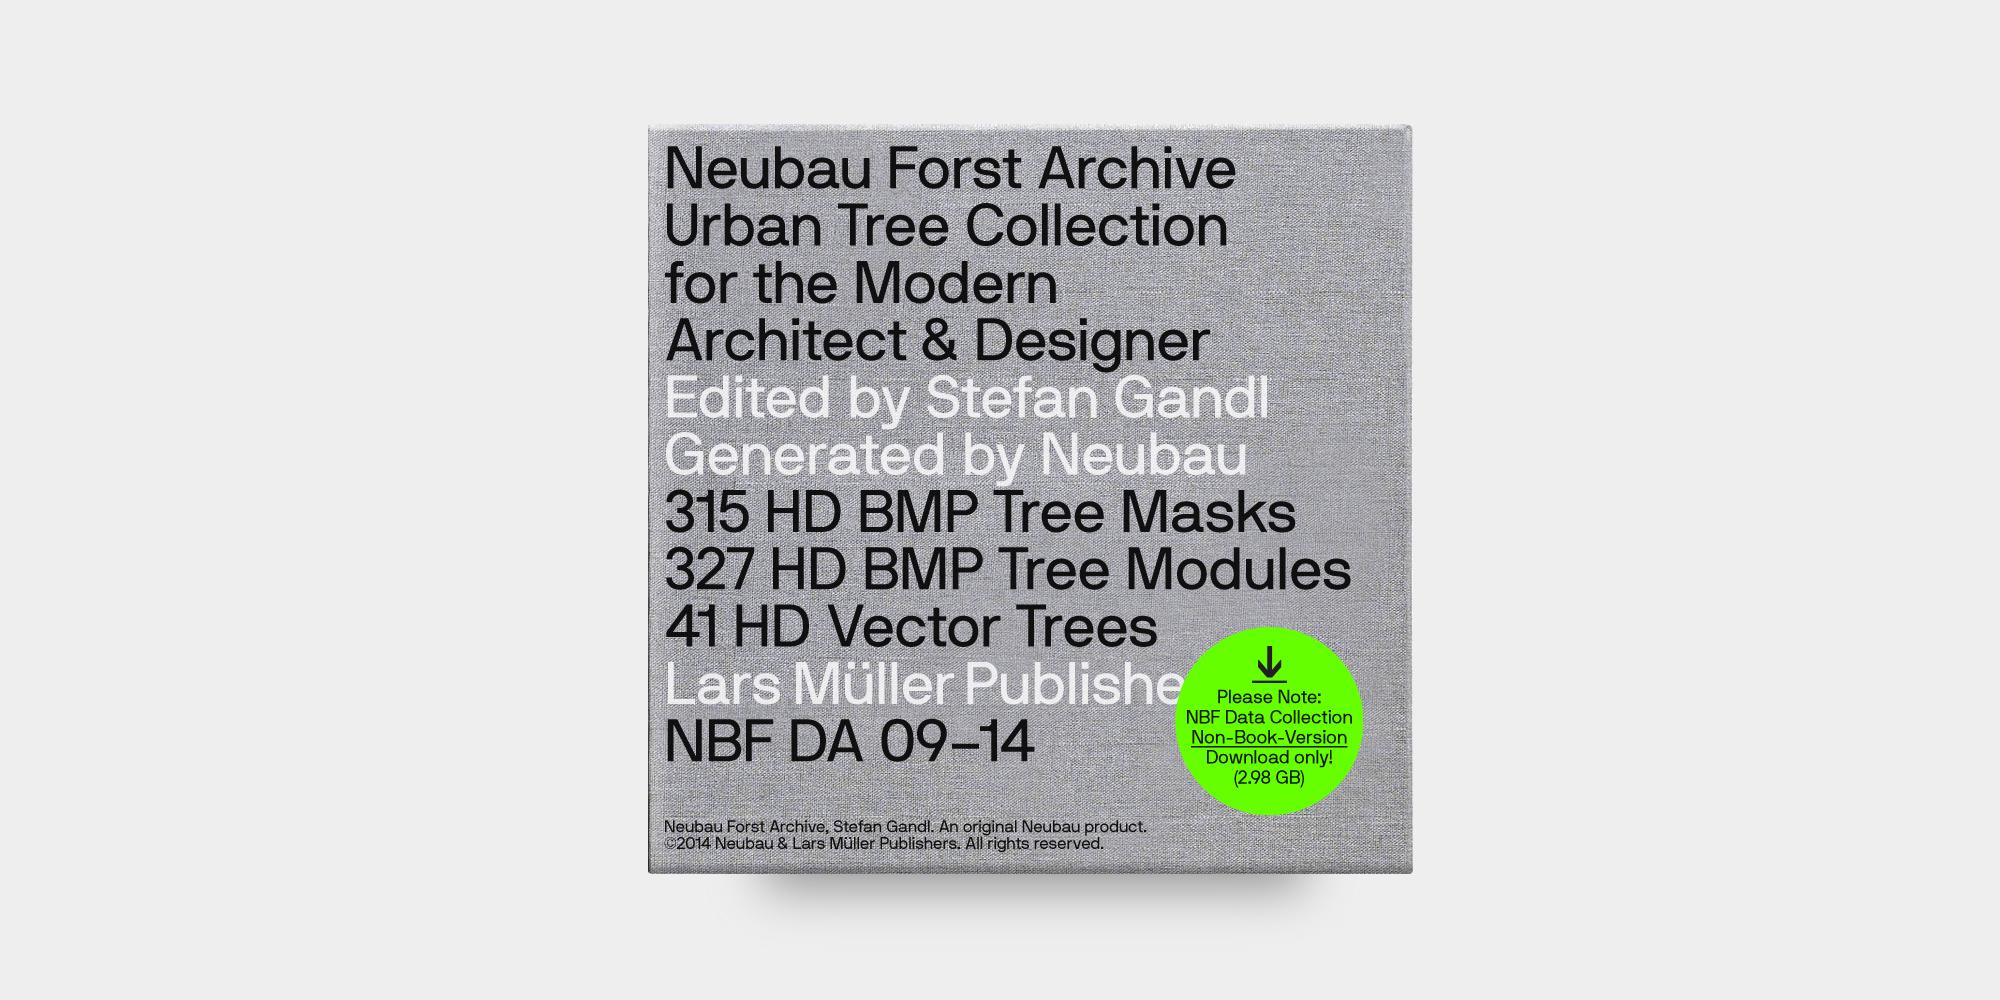 NBL_NBF_DA